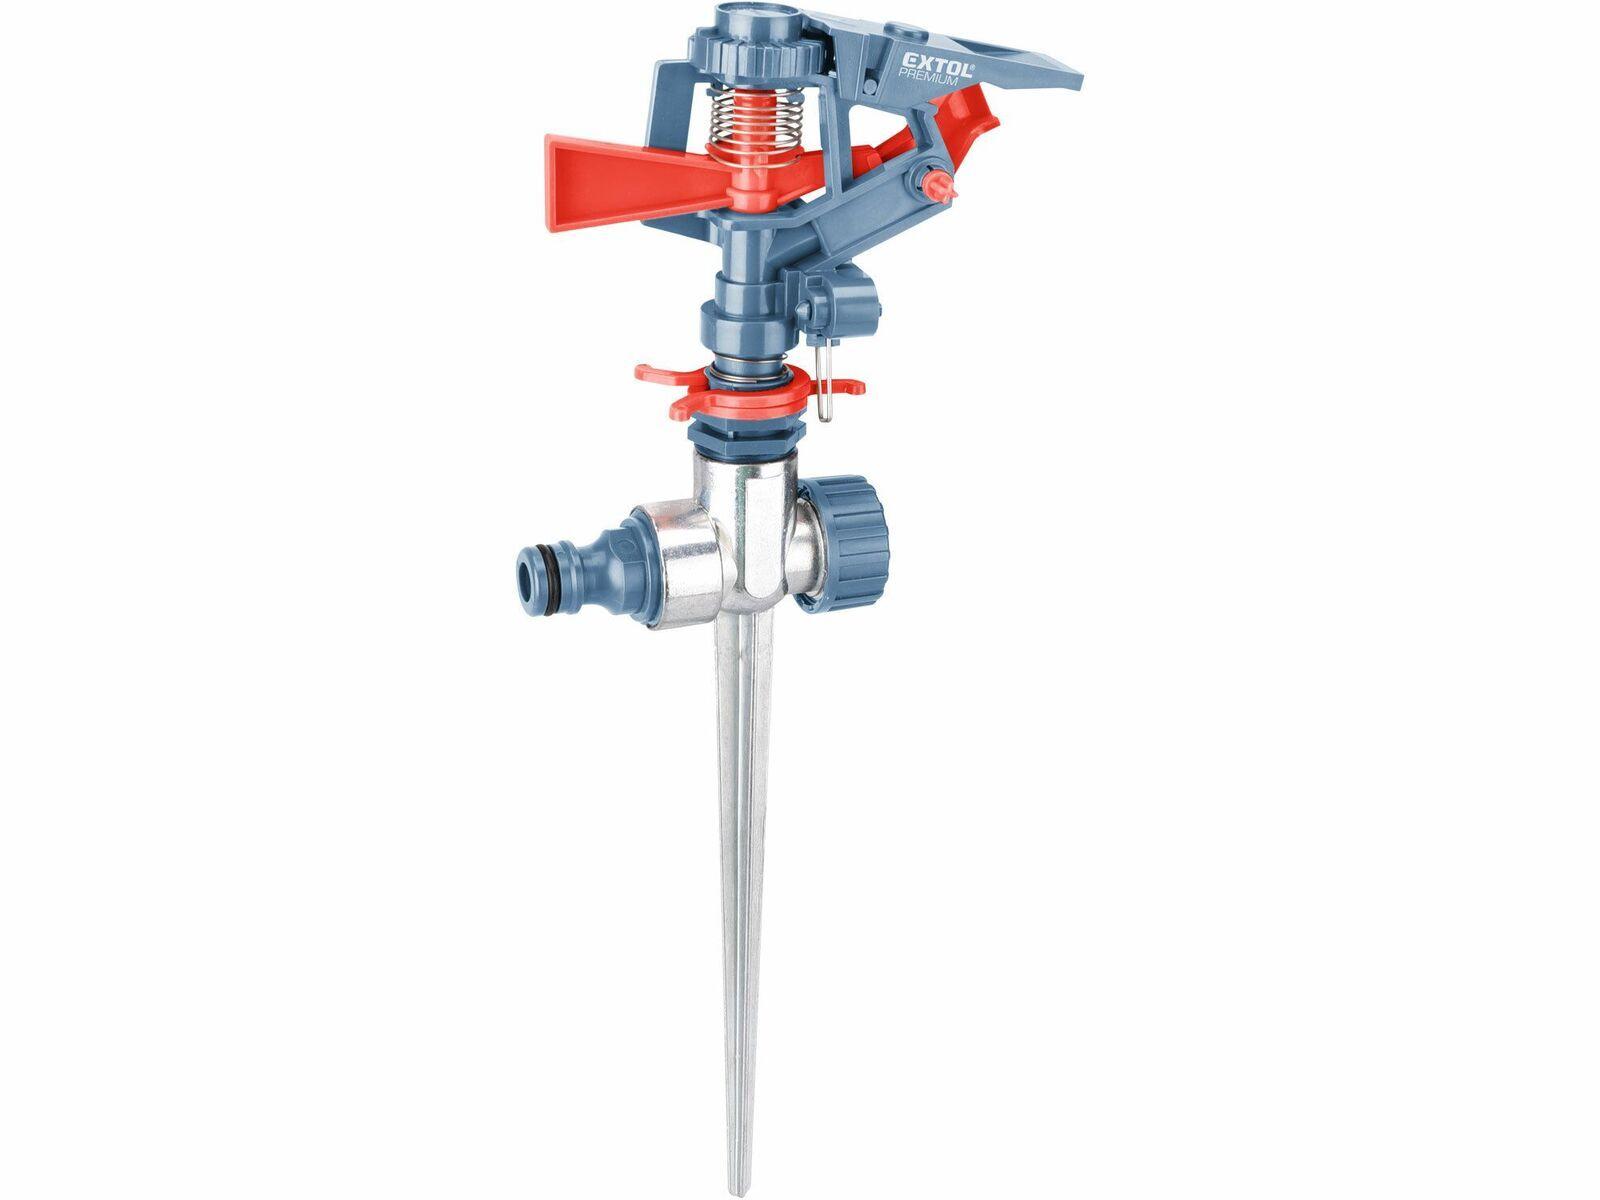 Zavlažovač pulzní, zapichovací s kovovým bodcem - EXTOL PREMIUM EX8876462